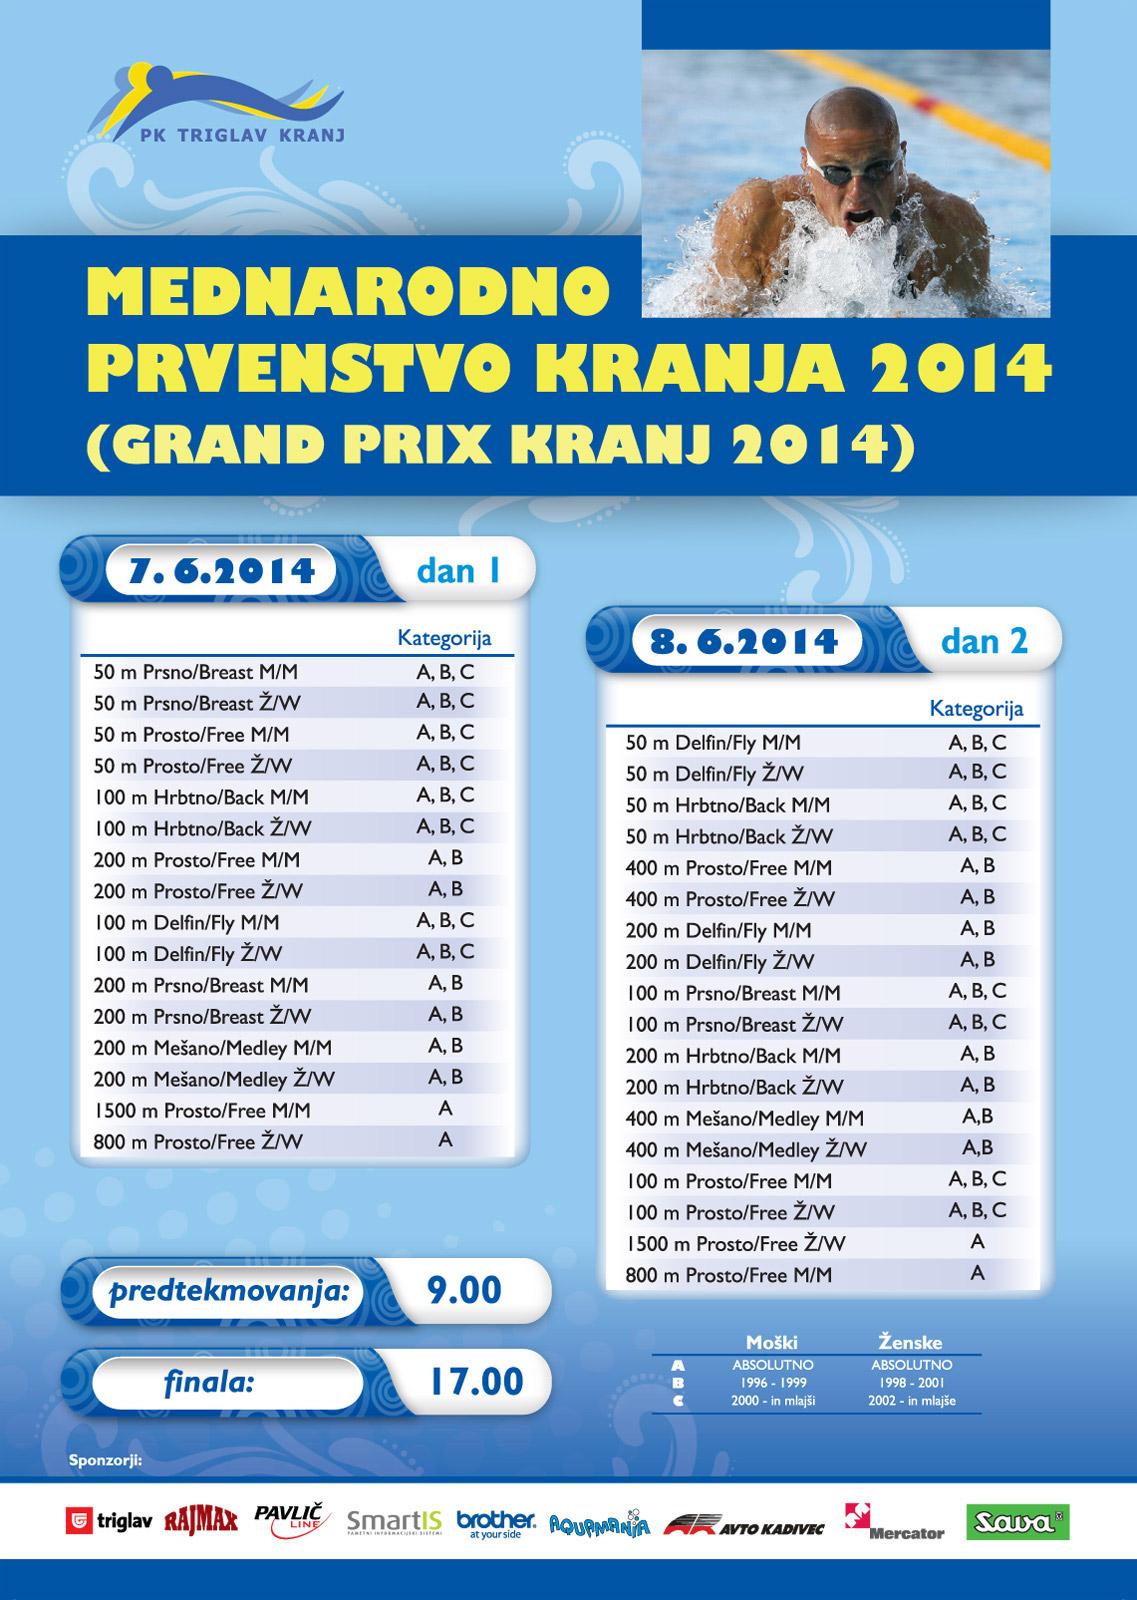 Mednarodno prvenstvo Kranja 2014